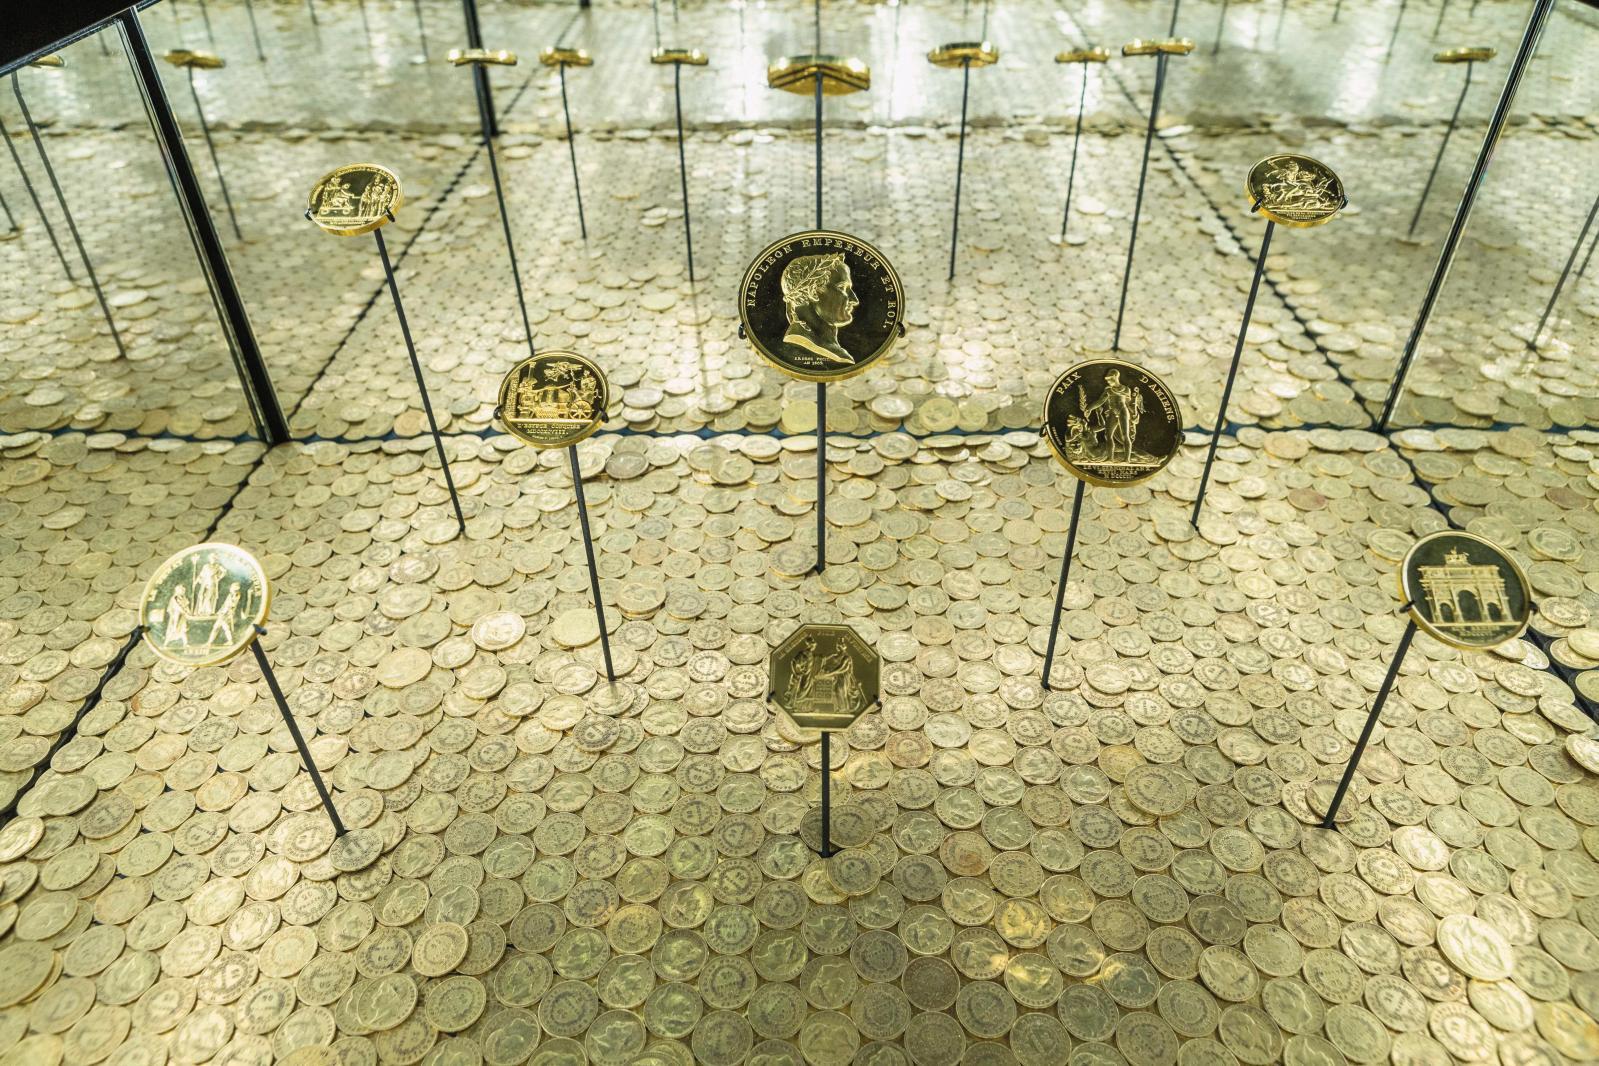 Médailles napoléoniennes présentées sur un tapis de 2 021 napoléons pour l'exposition à la Grande Halle de La Villette. Au premier plan, l